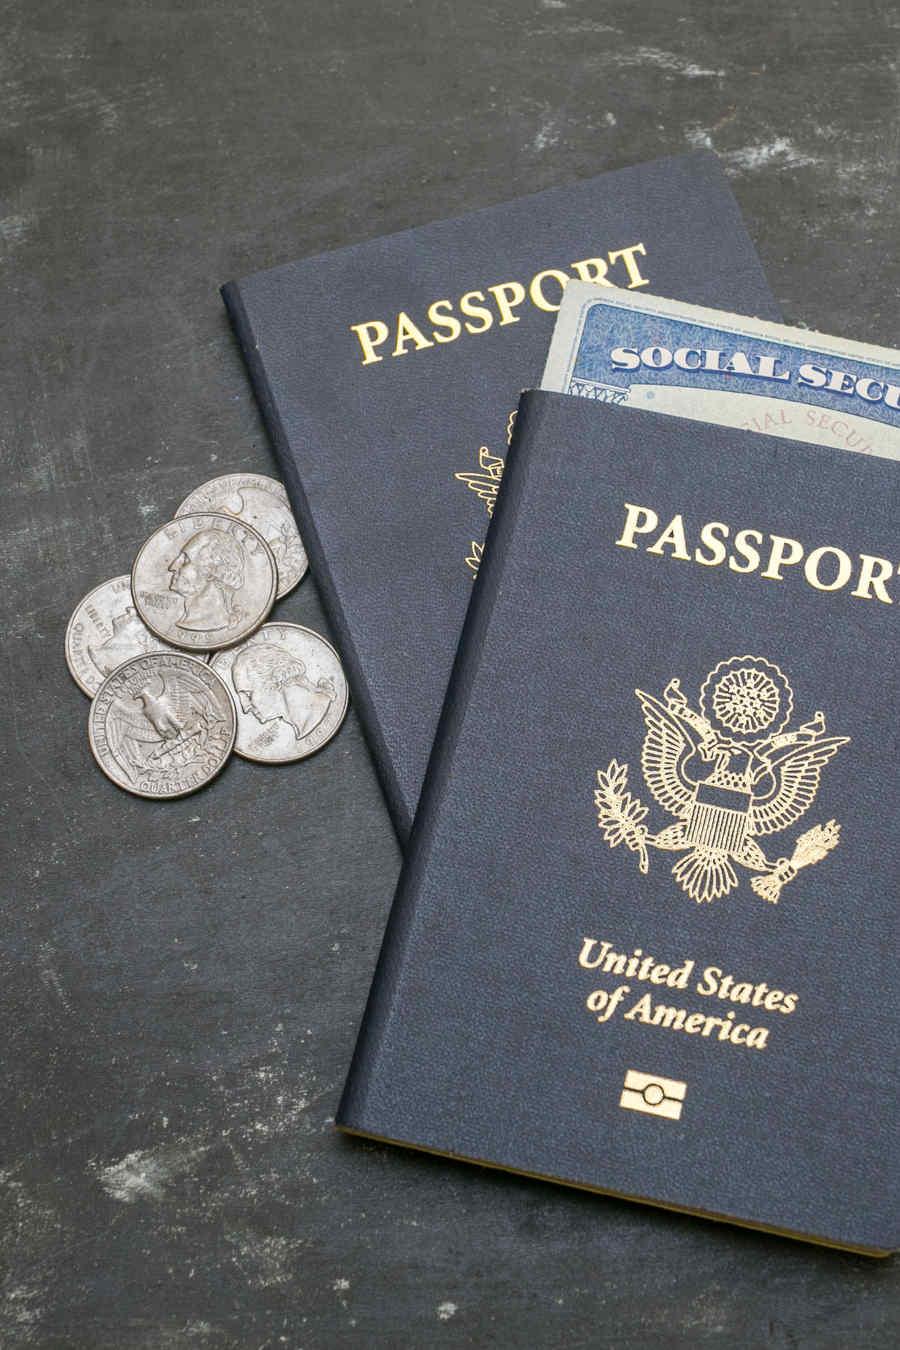 Pasaporte junto a social security